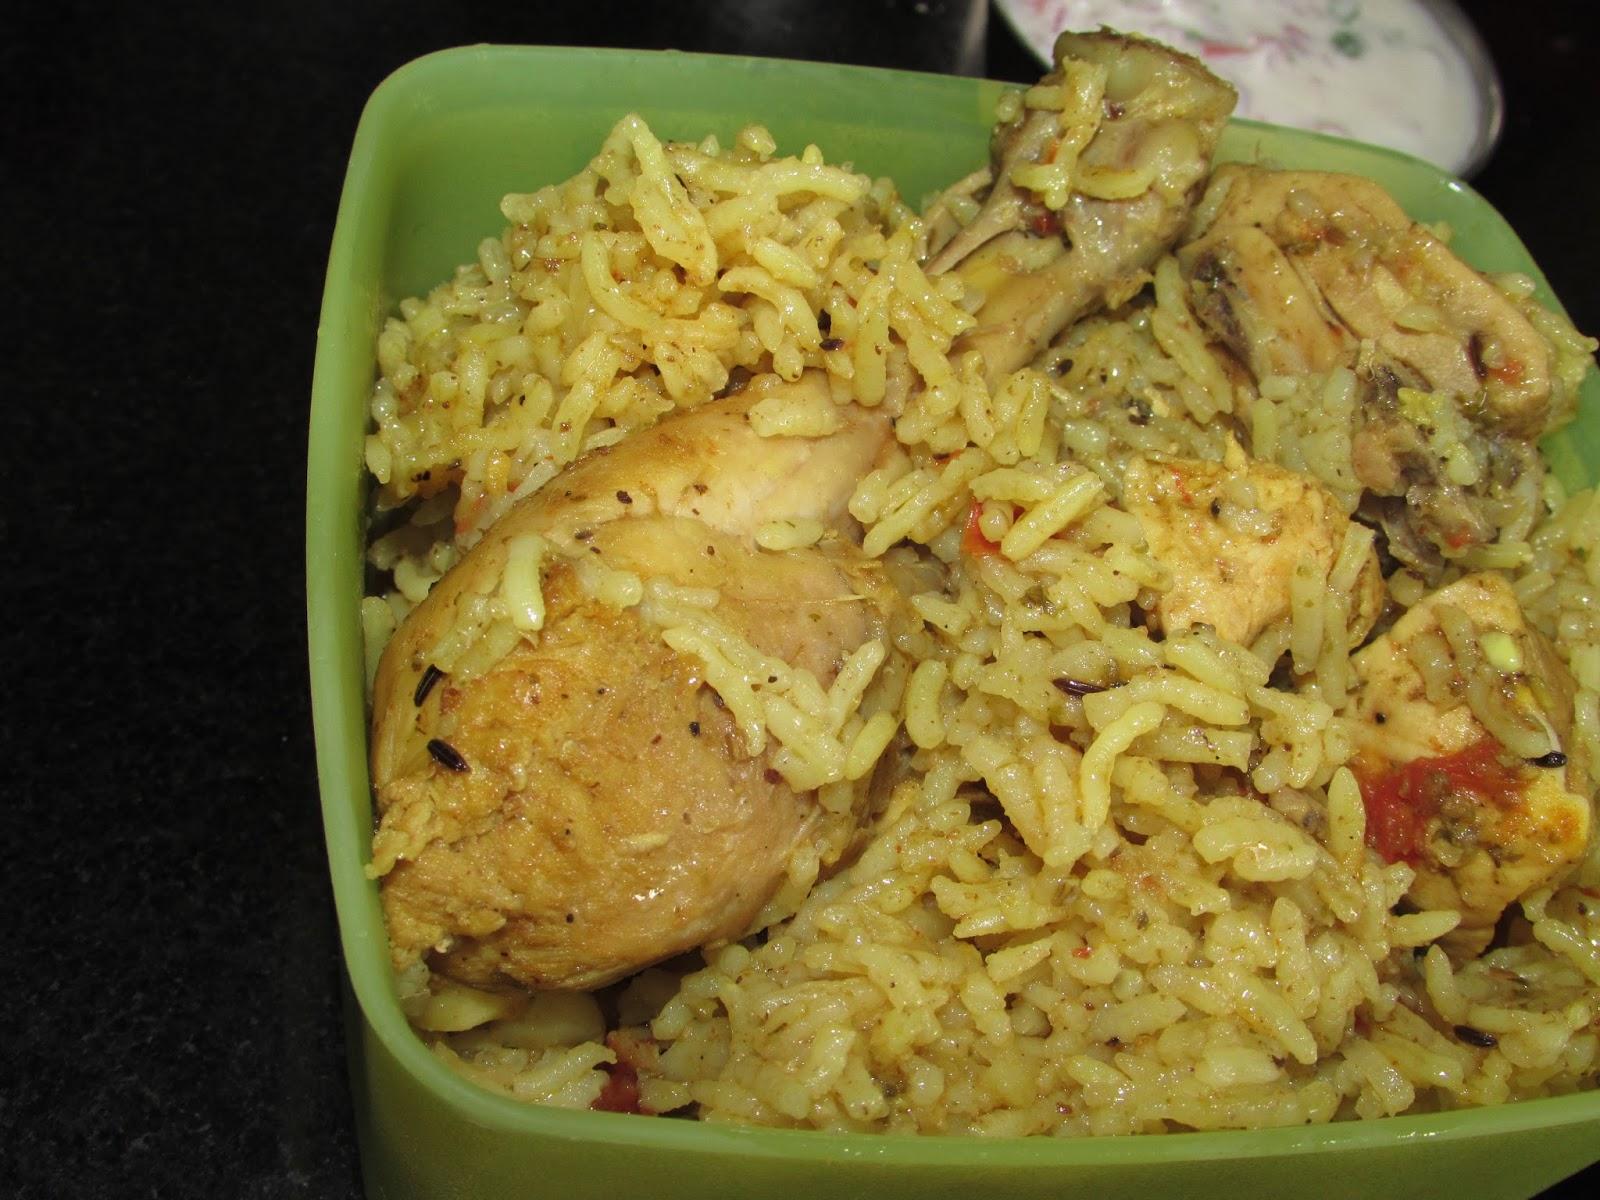 Chicken biryani muslim style - photo#33